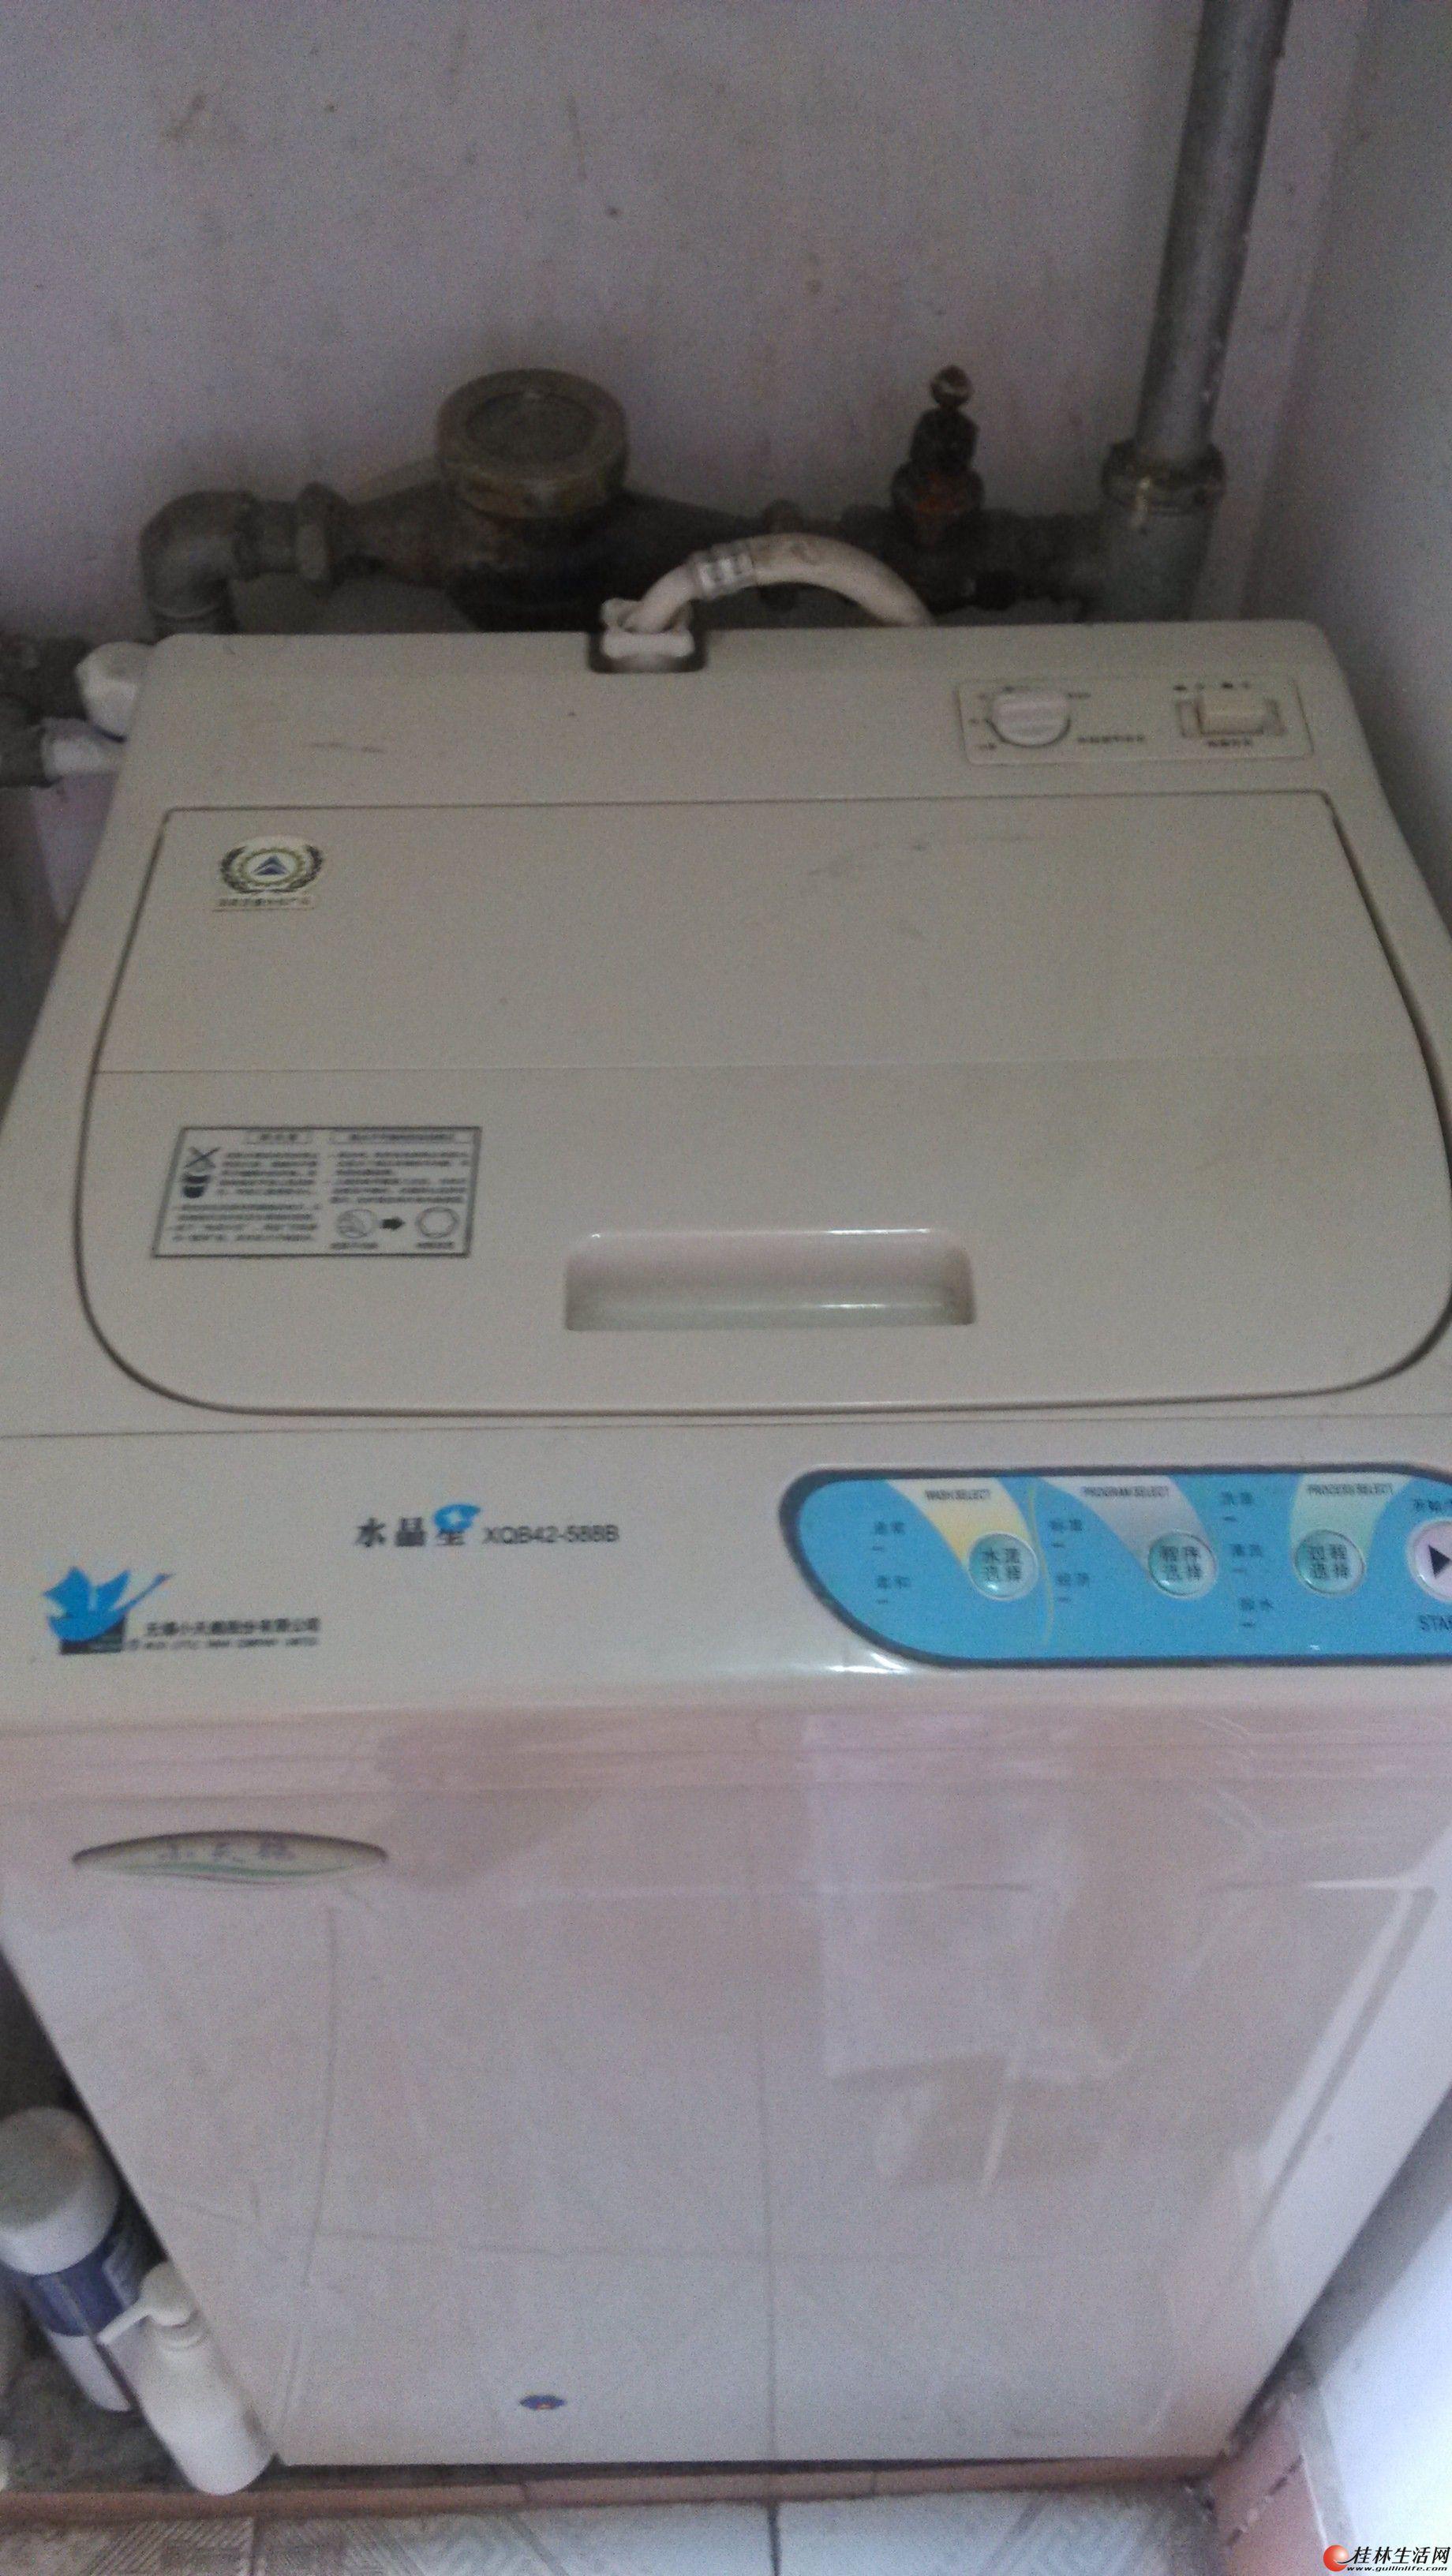 自用小天鹅全自动洗衣机